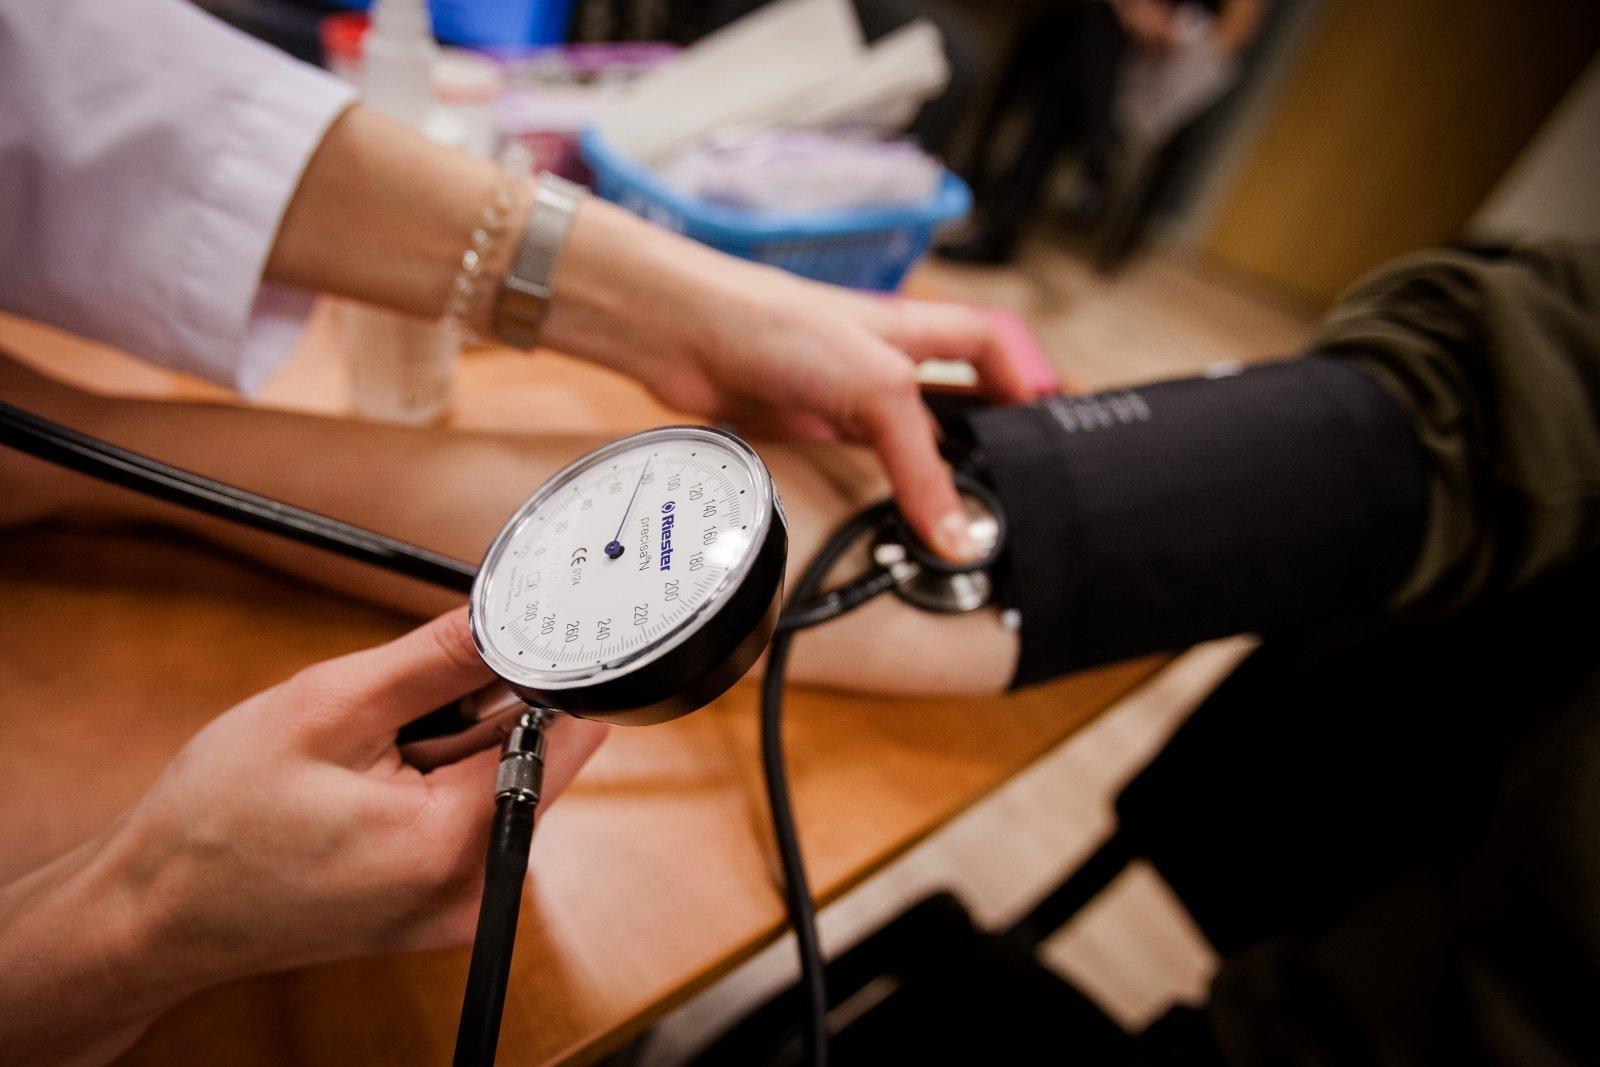 ką naudinga daryti su hipertenzija)